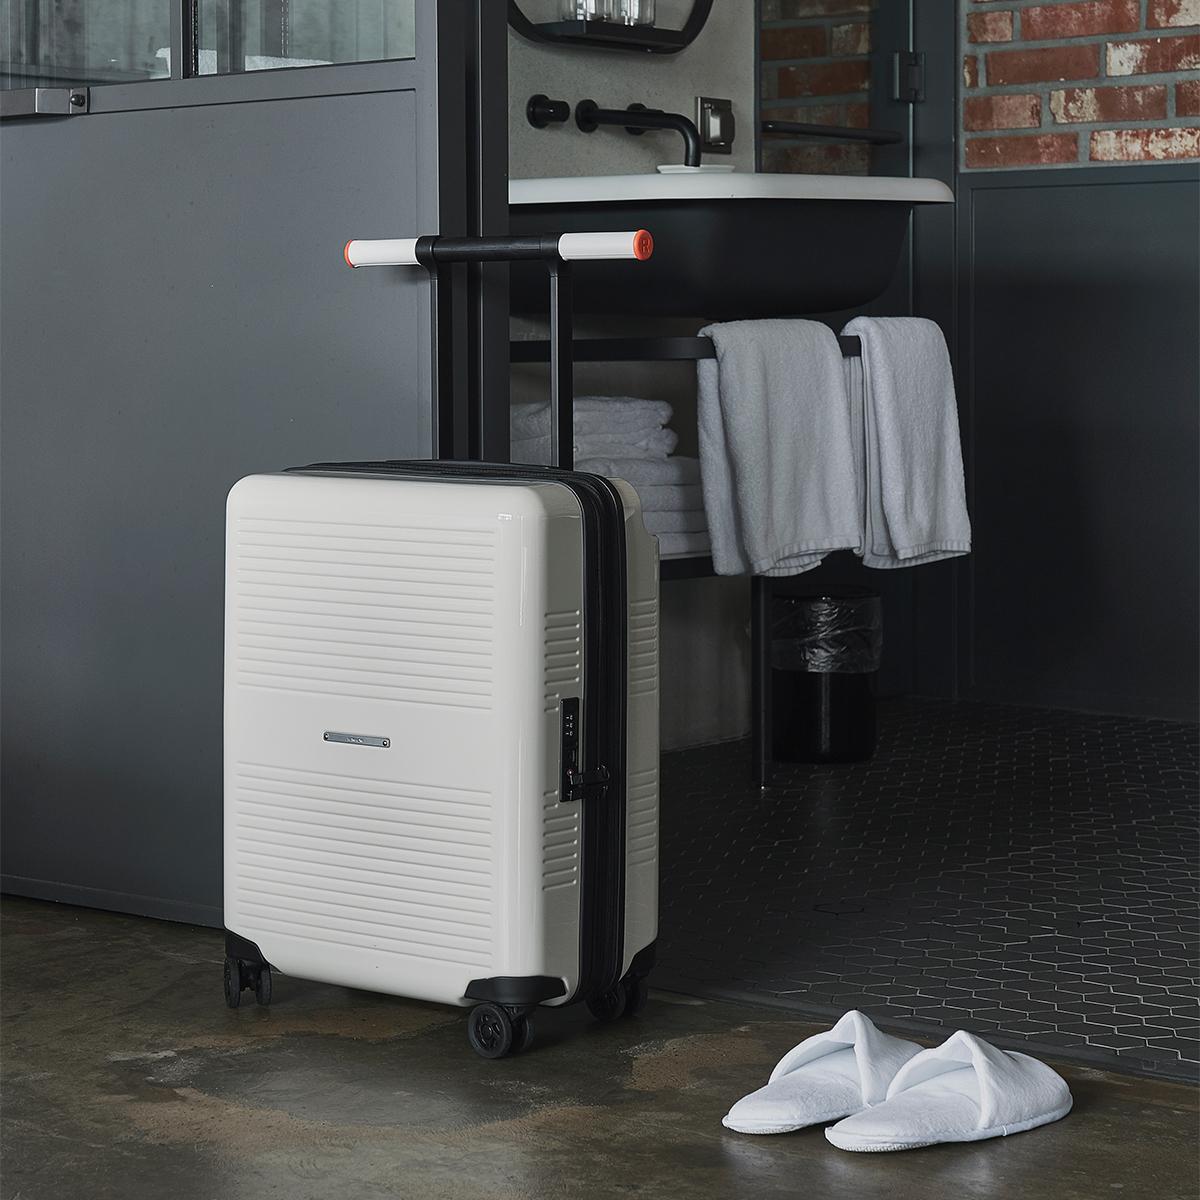 自分好みの配色にコーディネイトできる。大小ふたつのサイズを「入れ子収納」できる、機内持ち込み用(37L)&長期旅行用(72L)スーツケースセット| RAWROW | R TRUNK LITE